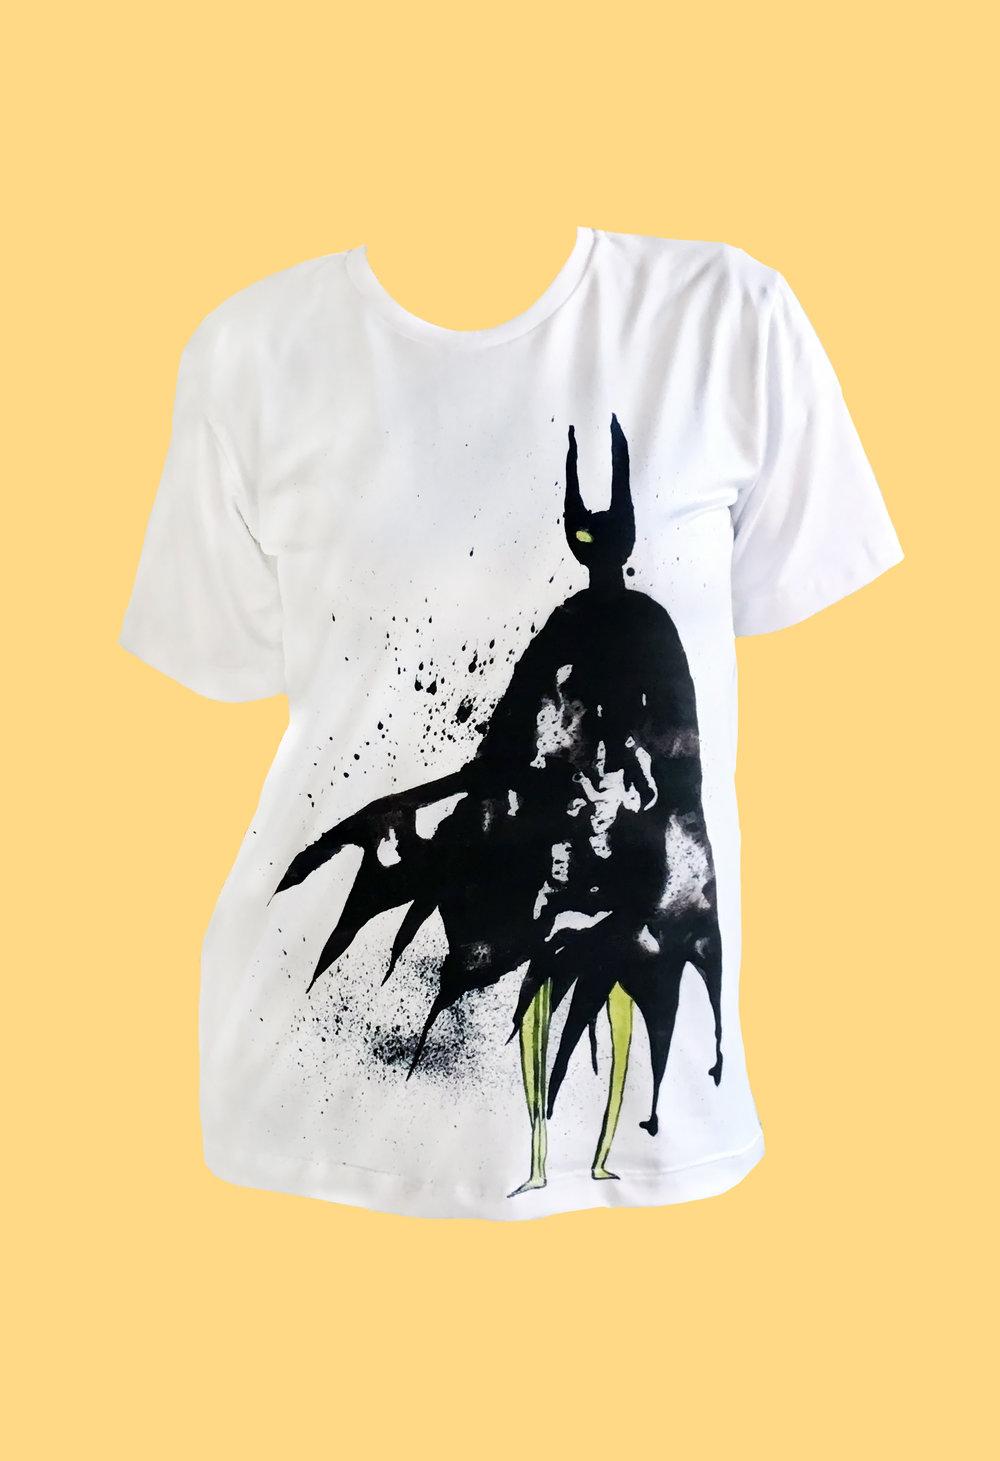 camiseta6.jpg